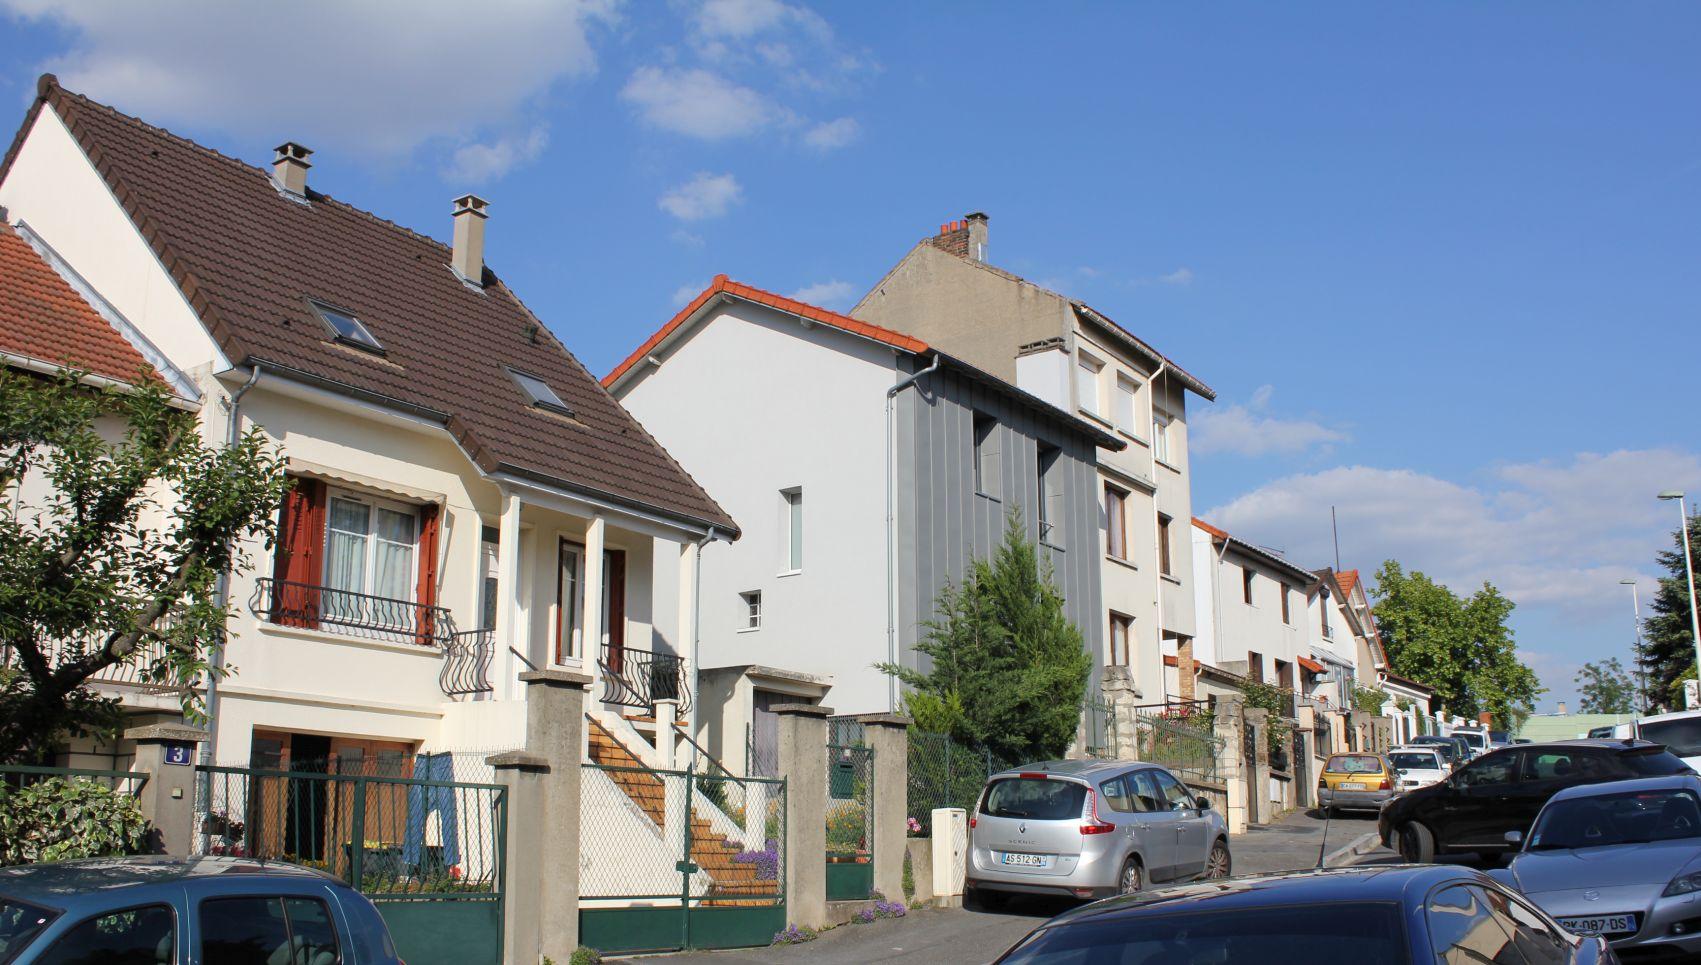 09_facade rue loin.jpg